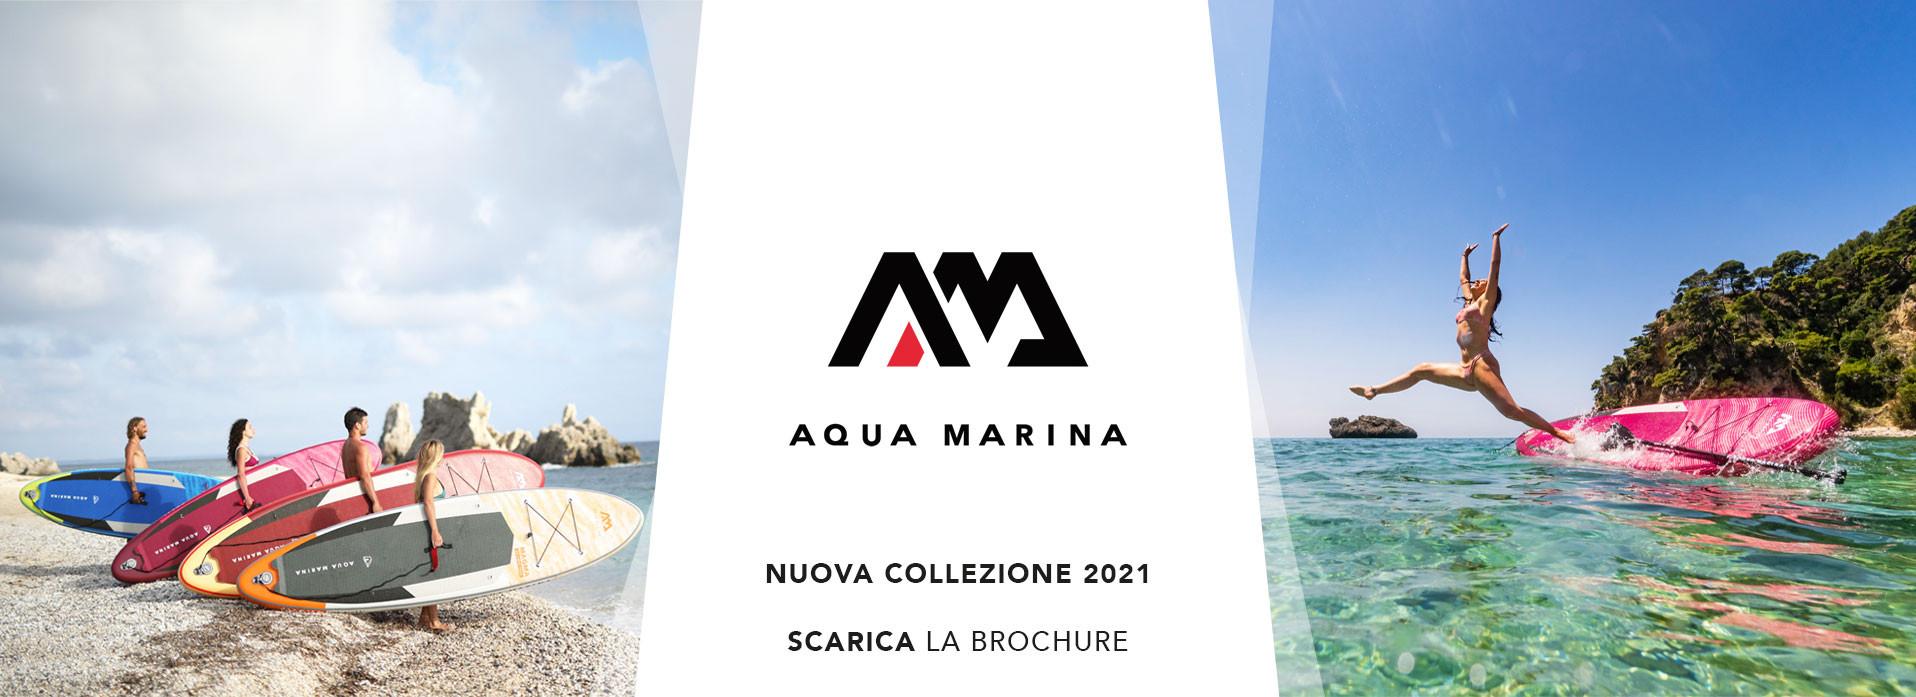 CLICCA QUI per visualizzare il catalogo con le novità Aqua Marina 2021